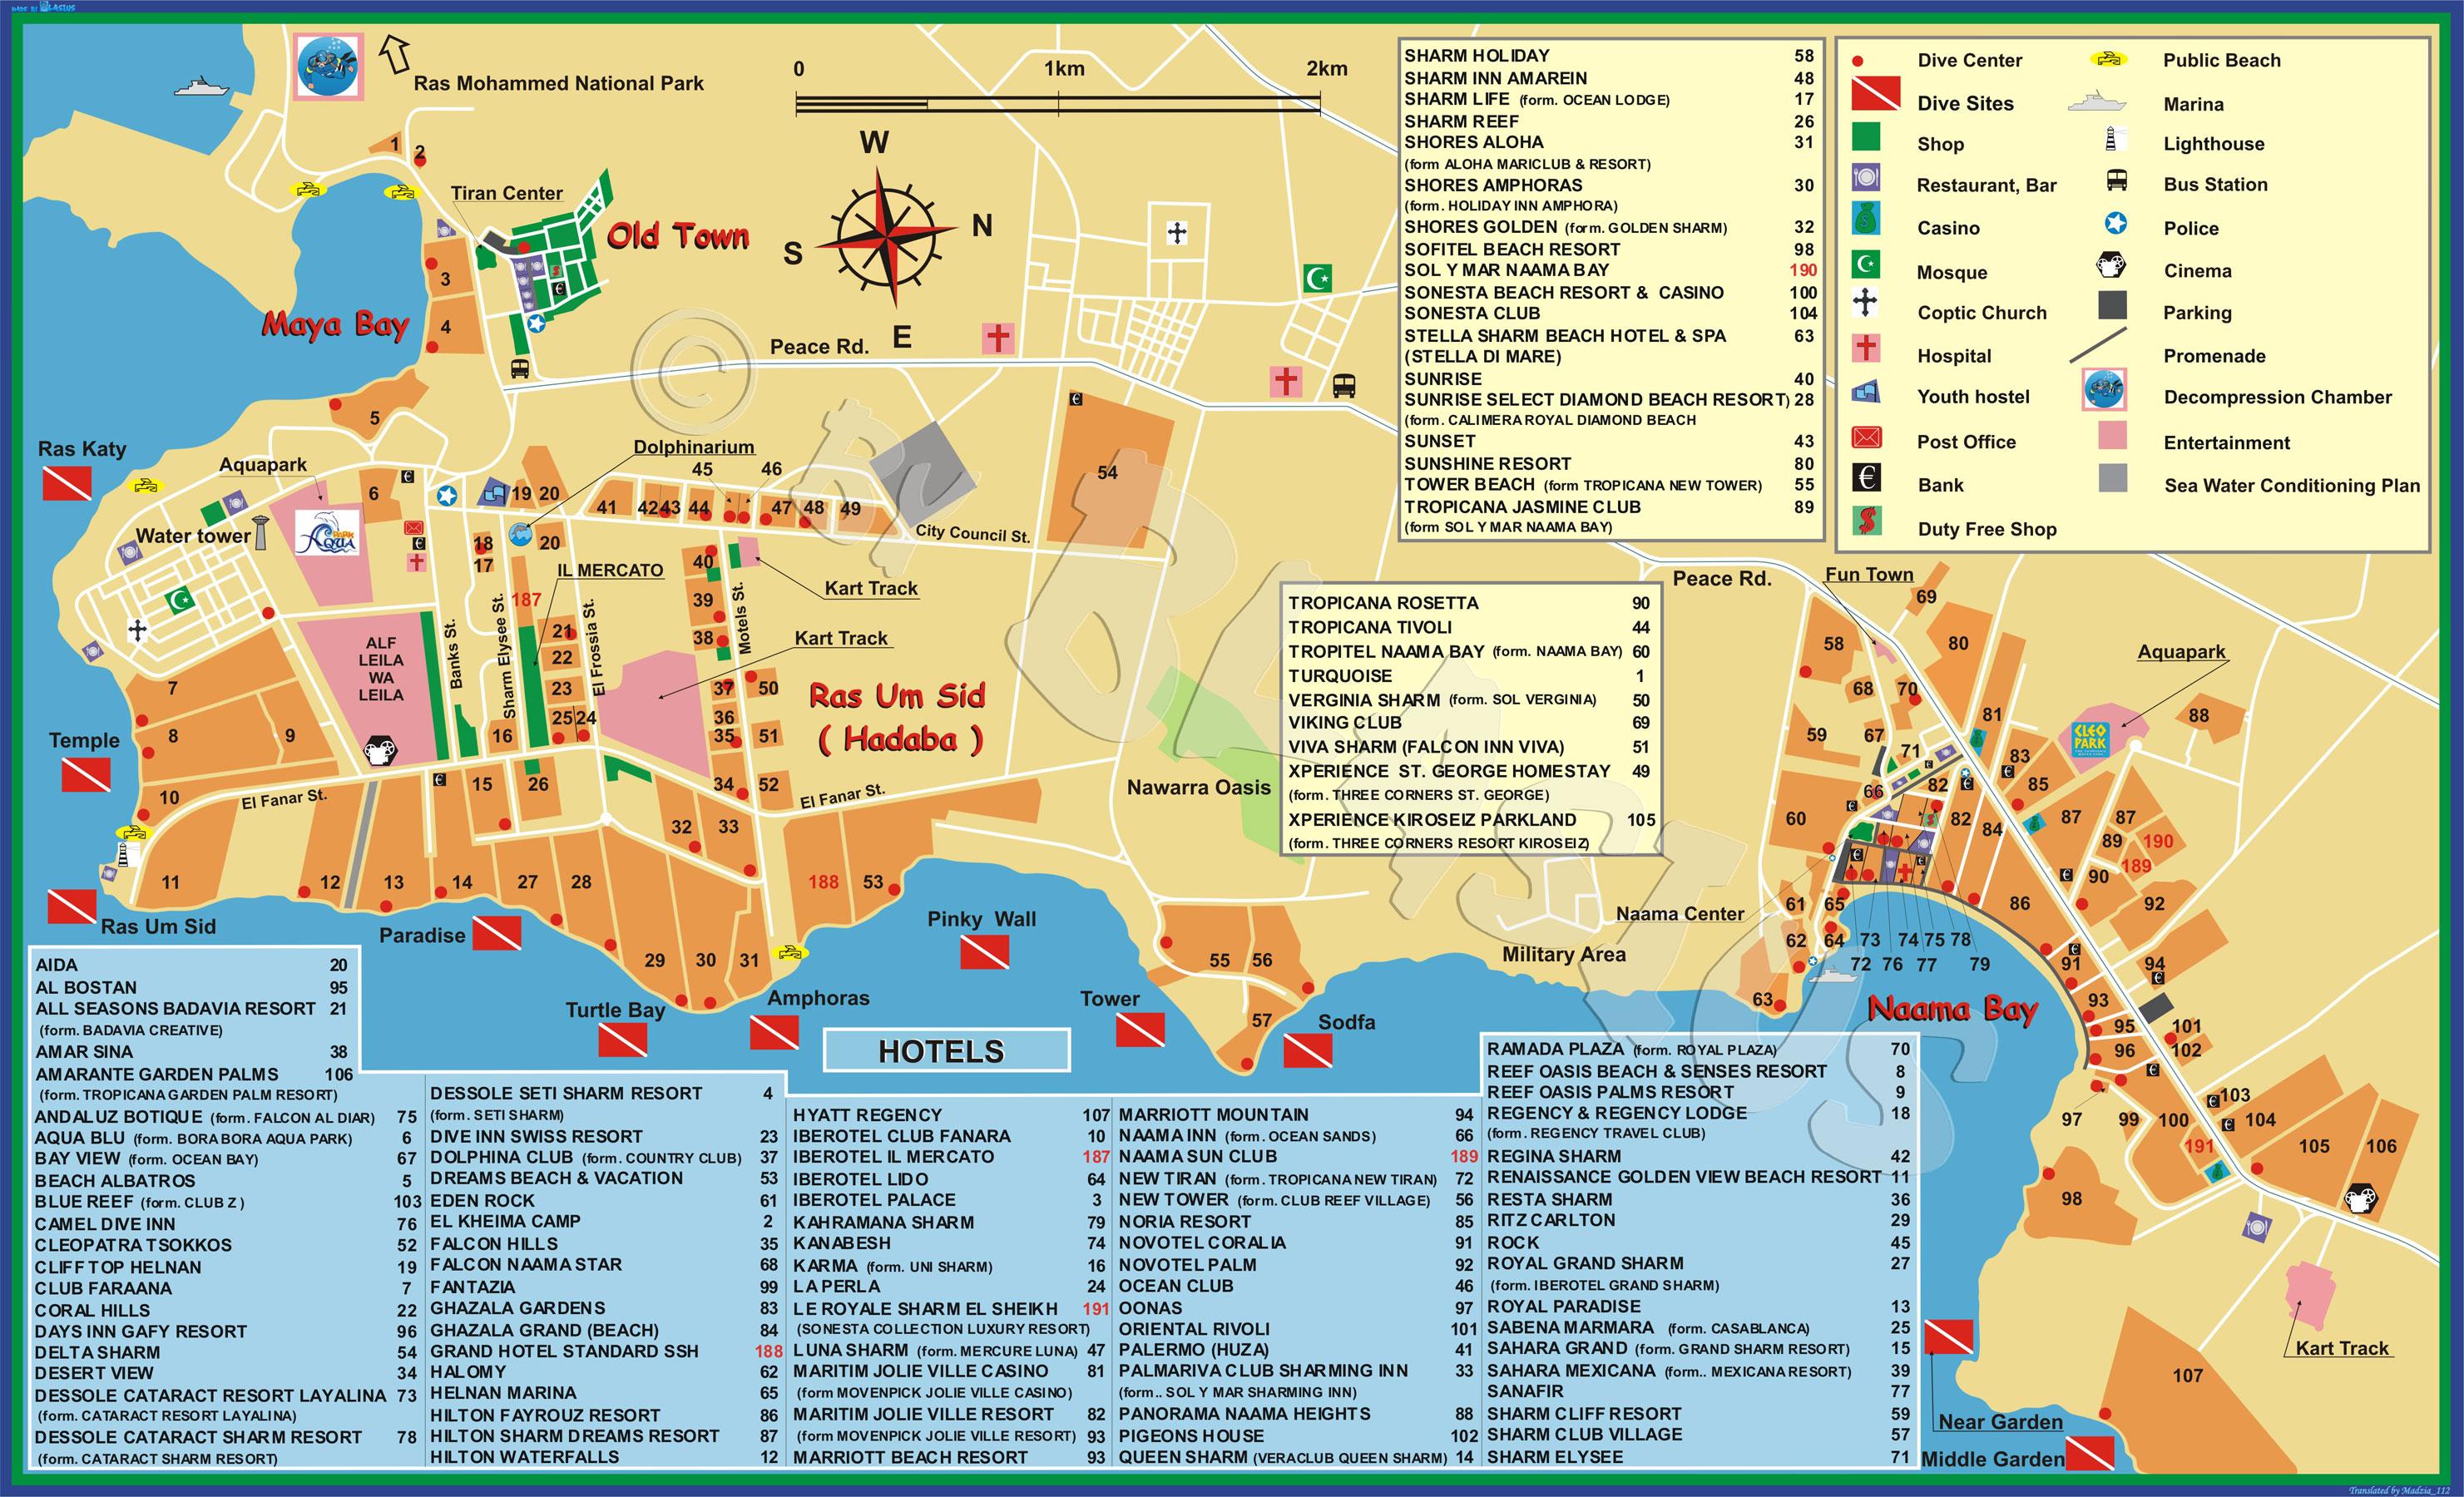 Карта отелей Шарм-эль-Шейха | На отдых!: http://naotdix.com/karta-oteley-sharm-el-sheyha/